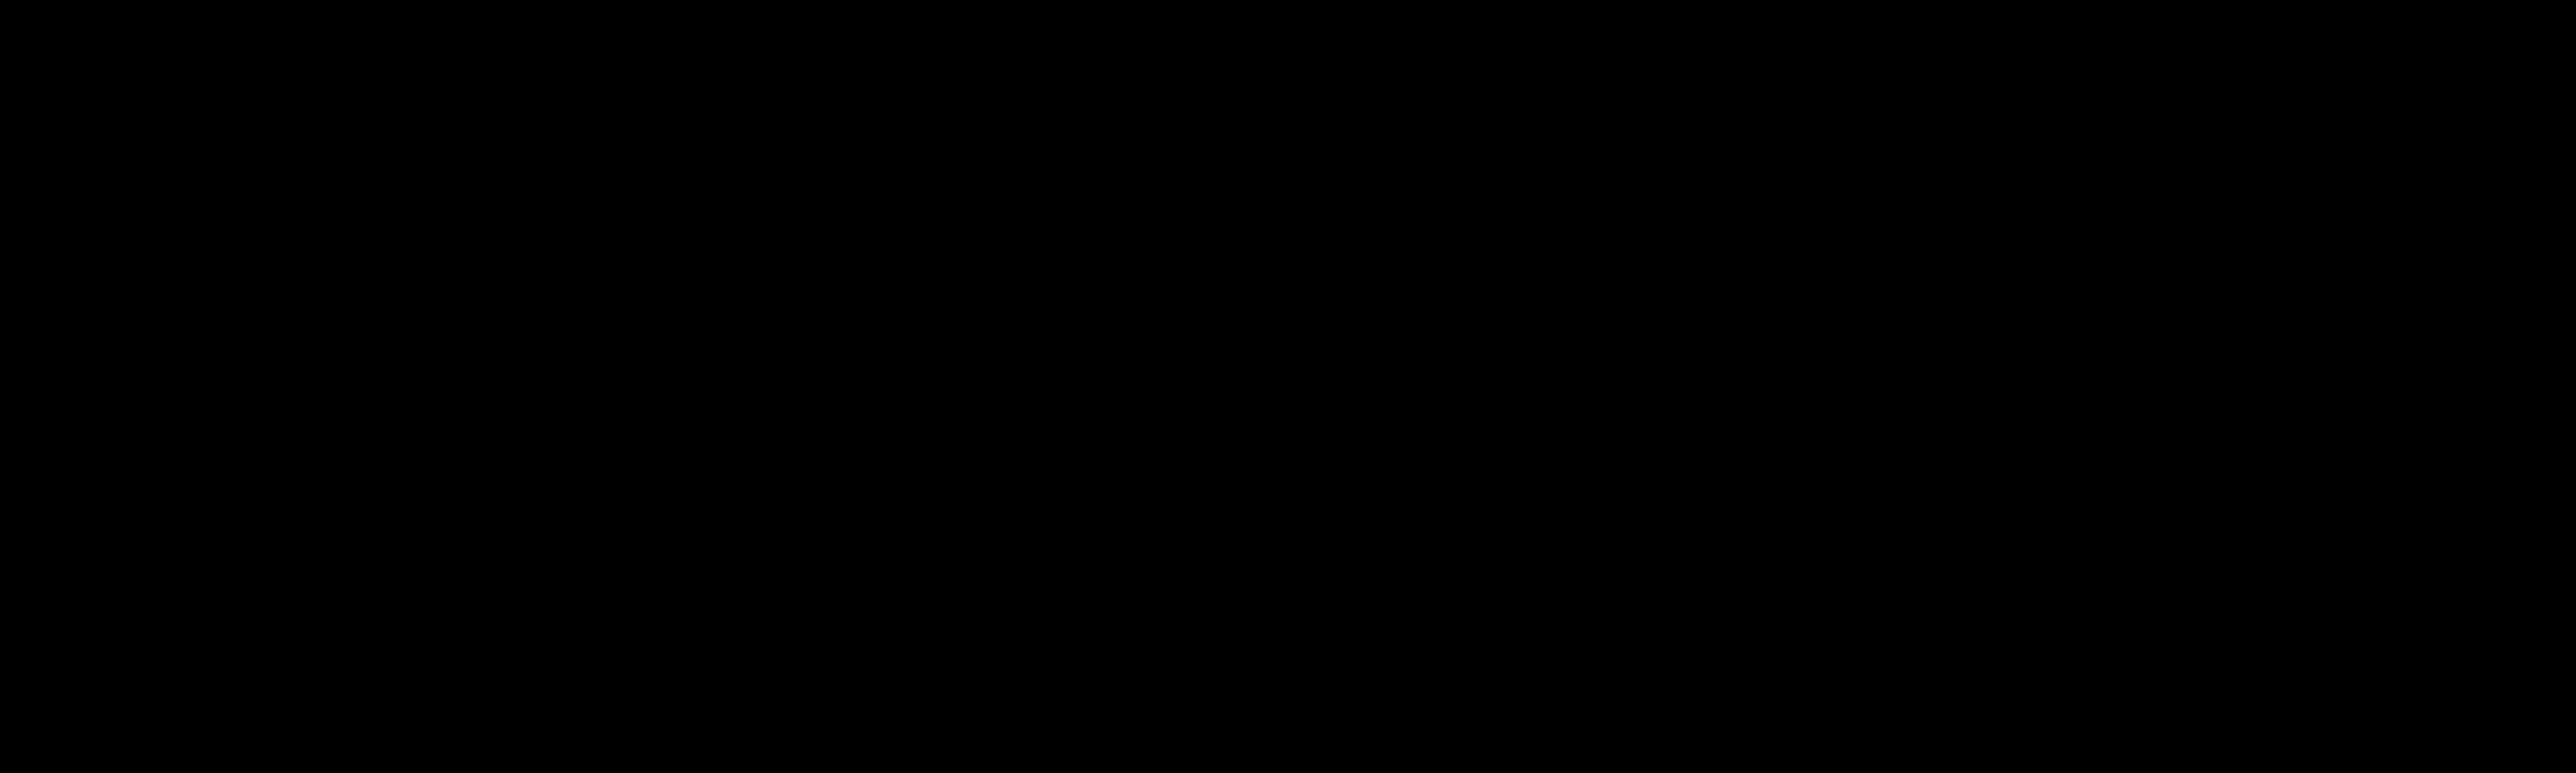 AtsushiHattori